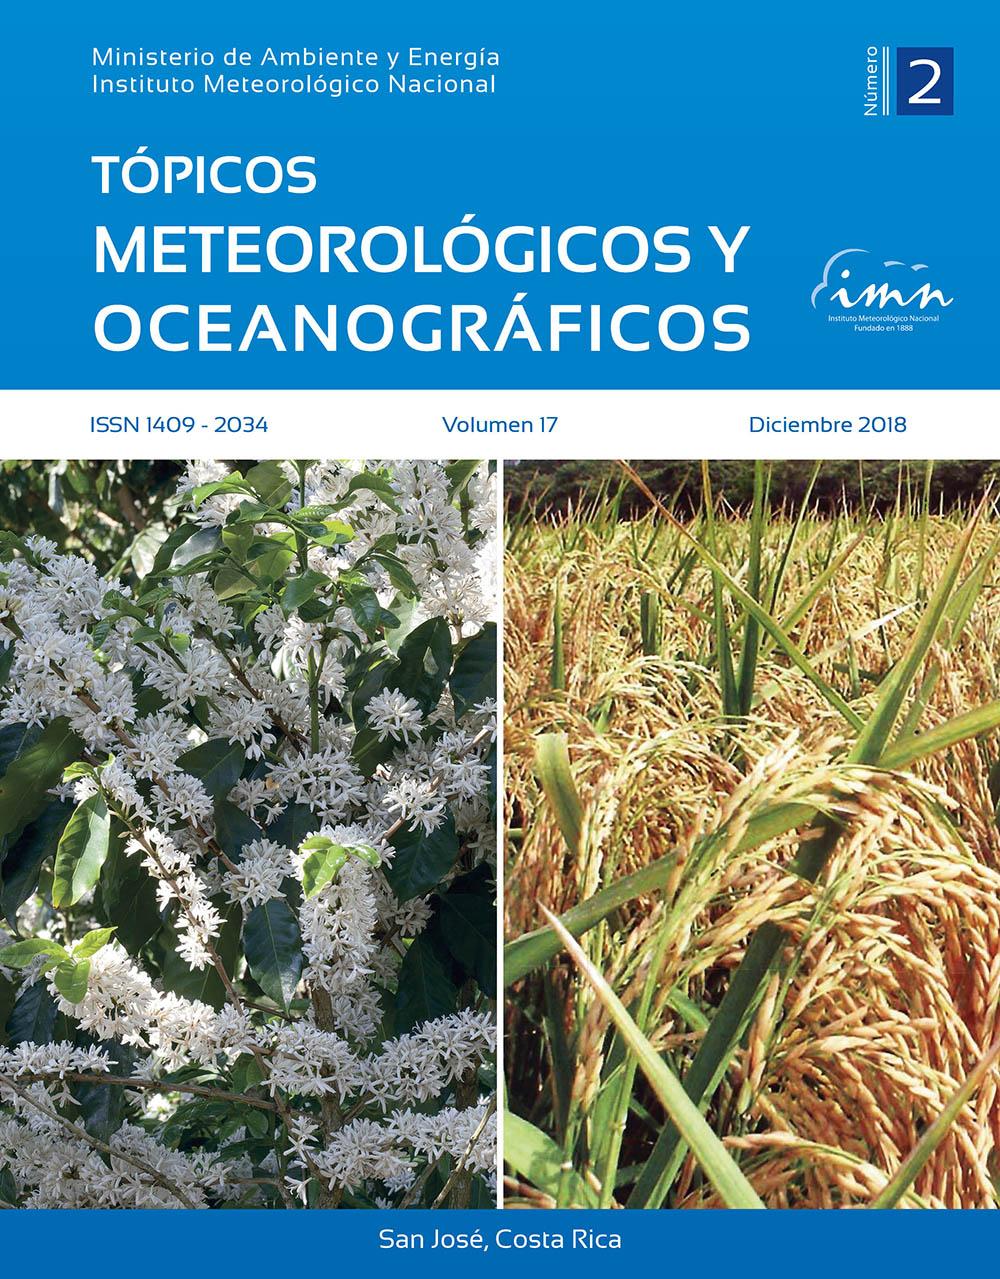 Revista Tópicos Meteorológicos, Vol. 18-1, 2019